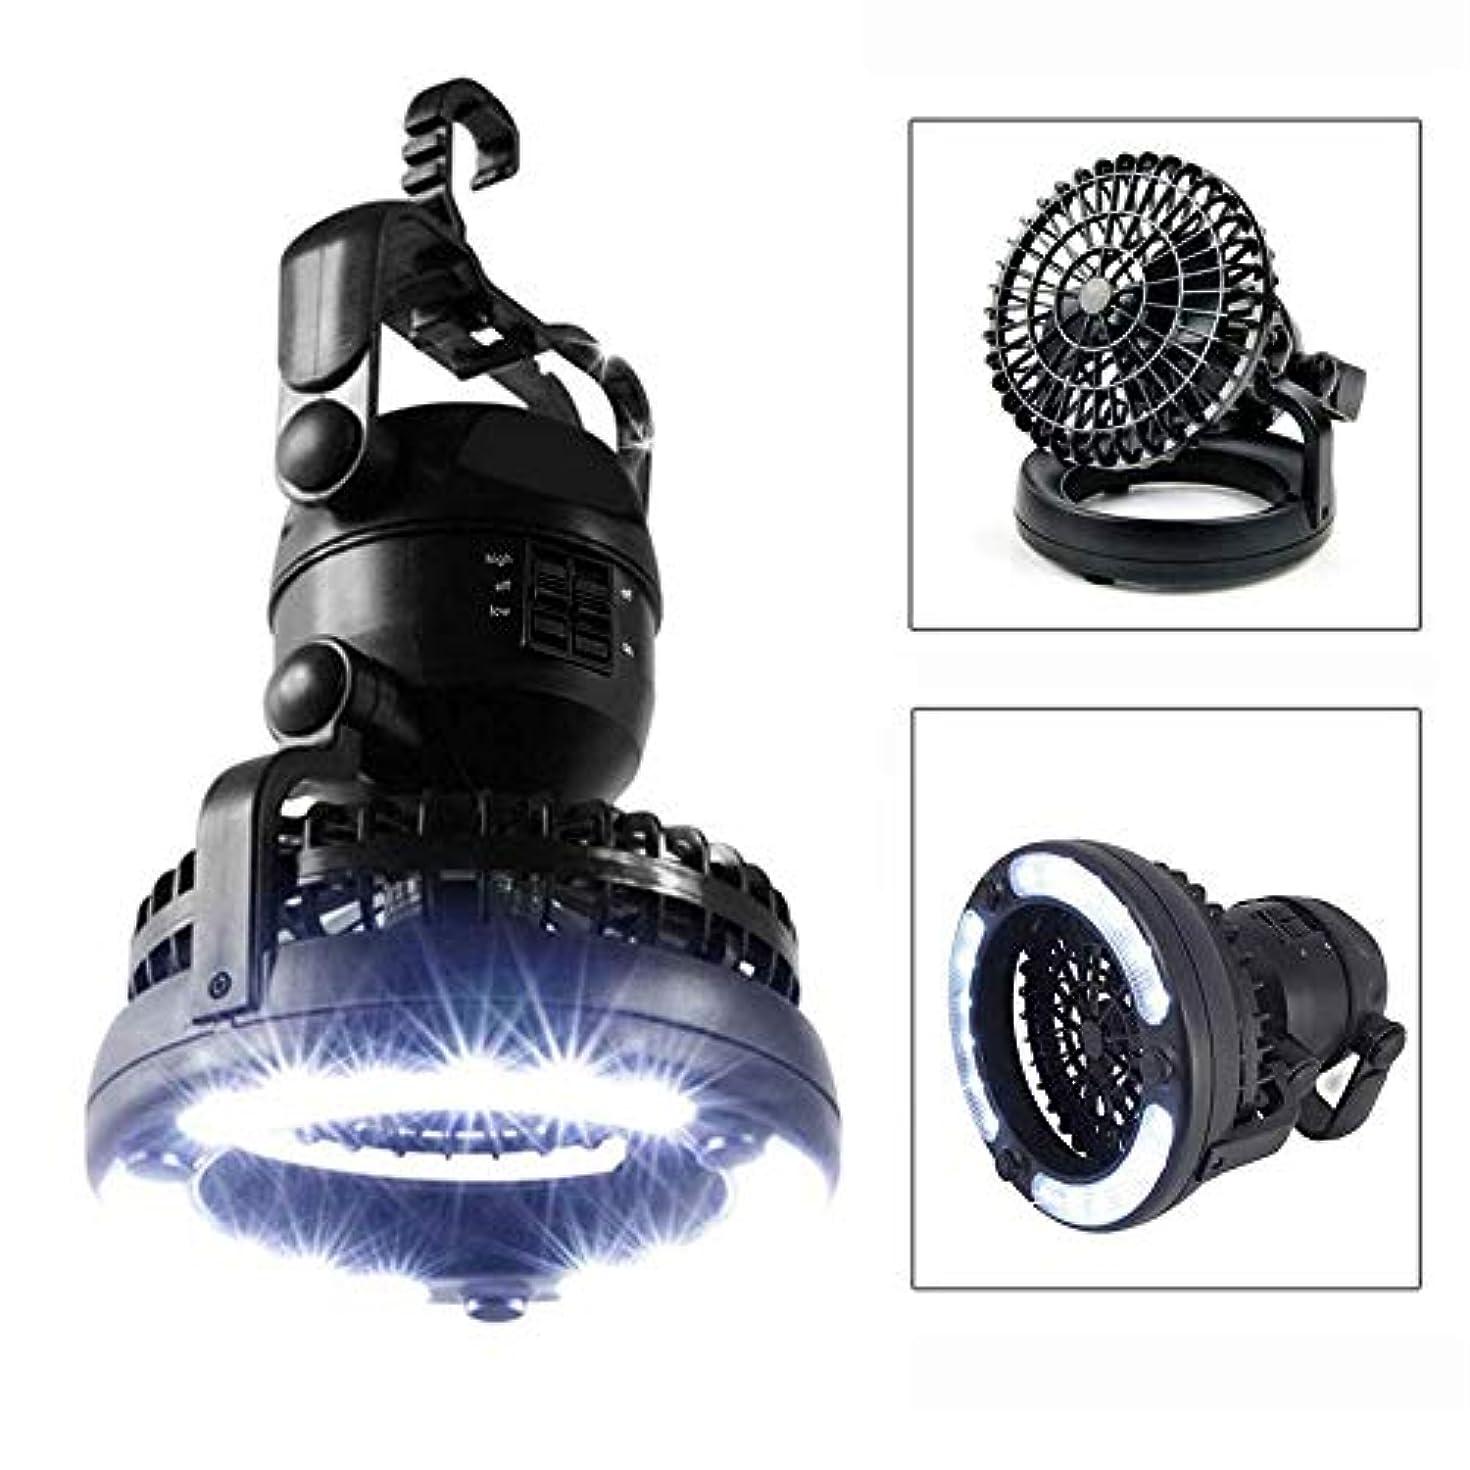 ヘビ局本部LEDキャンプランプ、LED懐中電灯の天井ファンが付いている1つの携帯用ランタン360回転停電のための防水防風電池式の非常灯ハイキング、緊急グリル